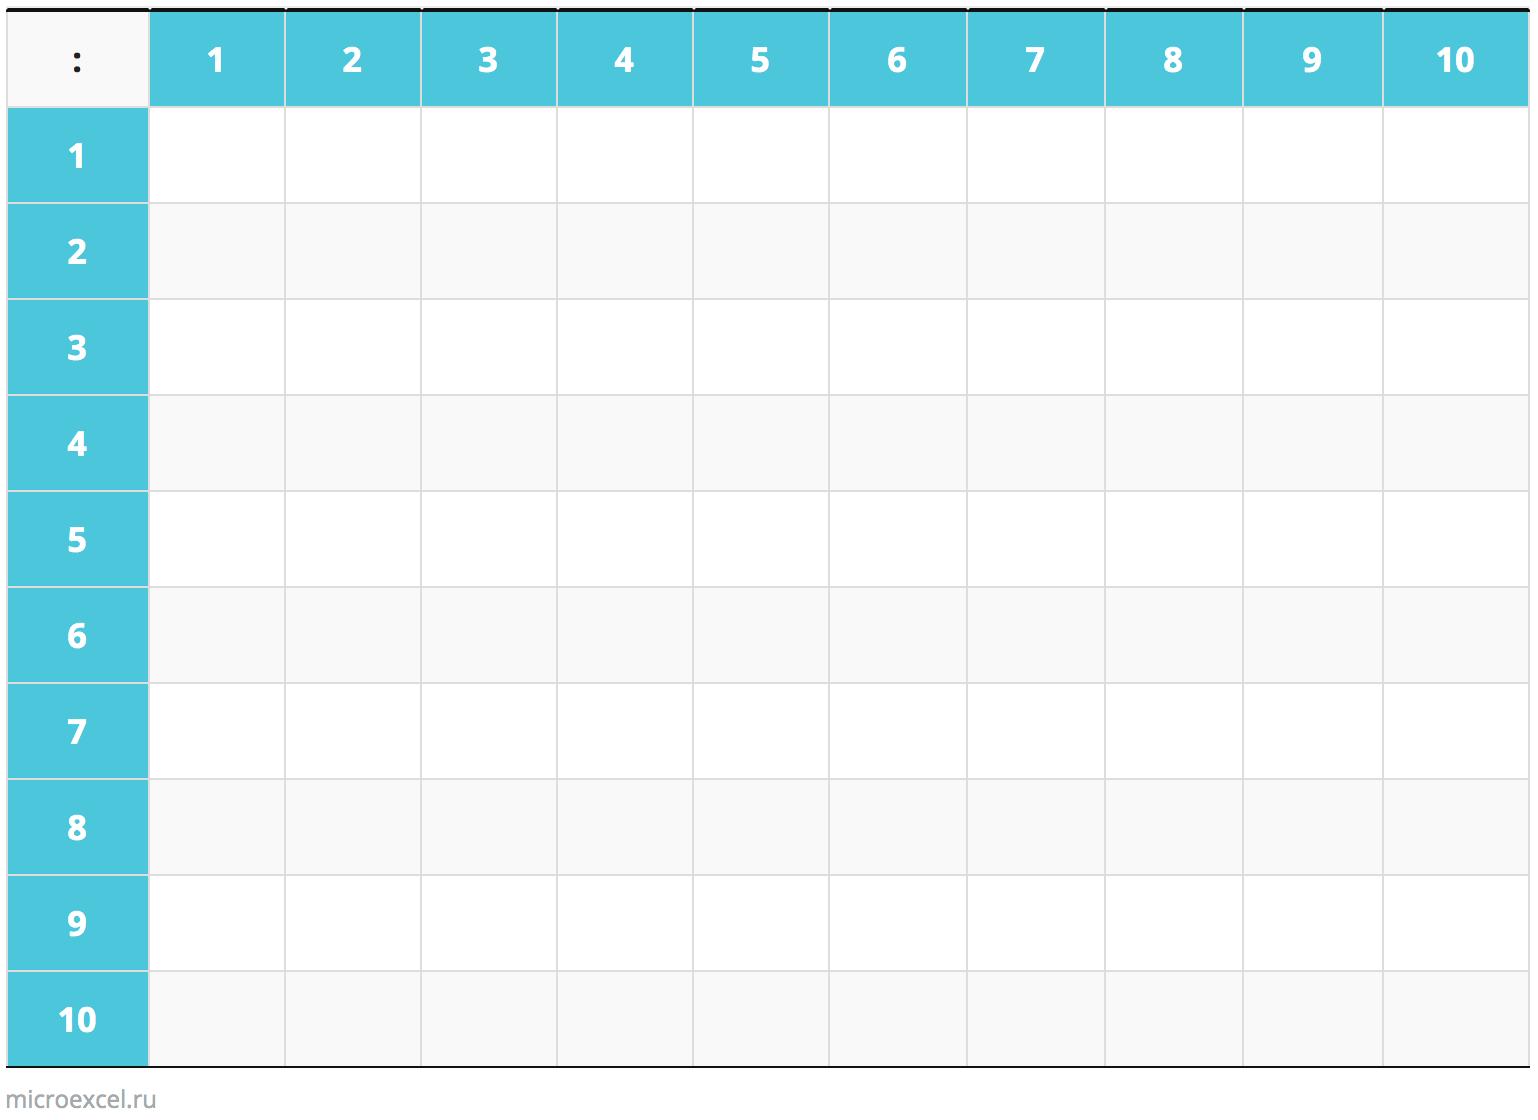 Таблица деления чисел для заполнения